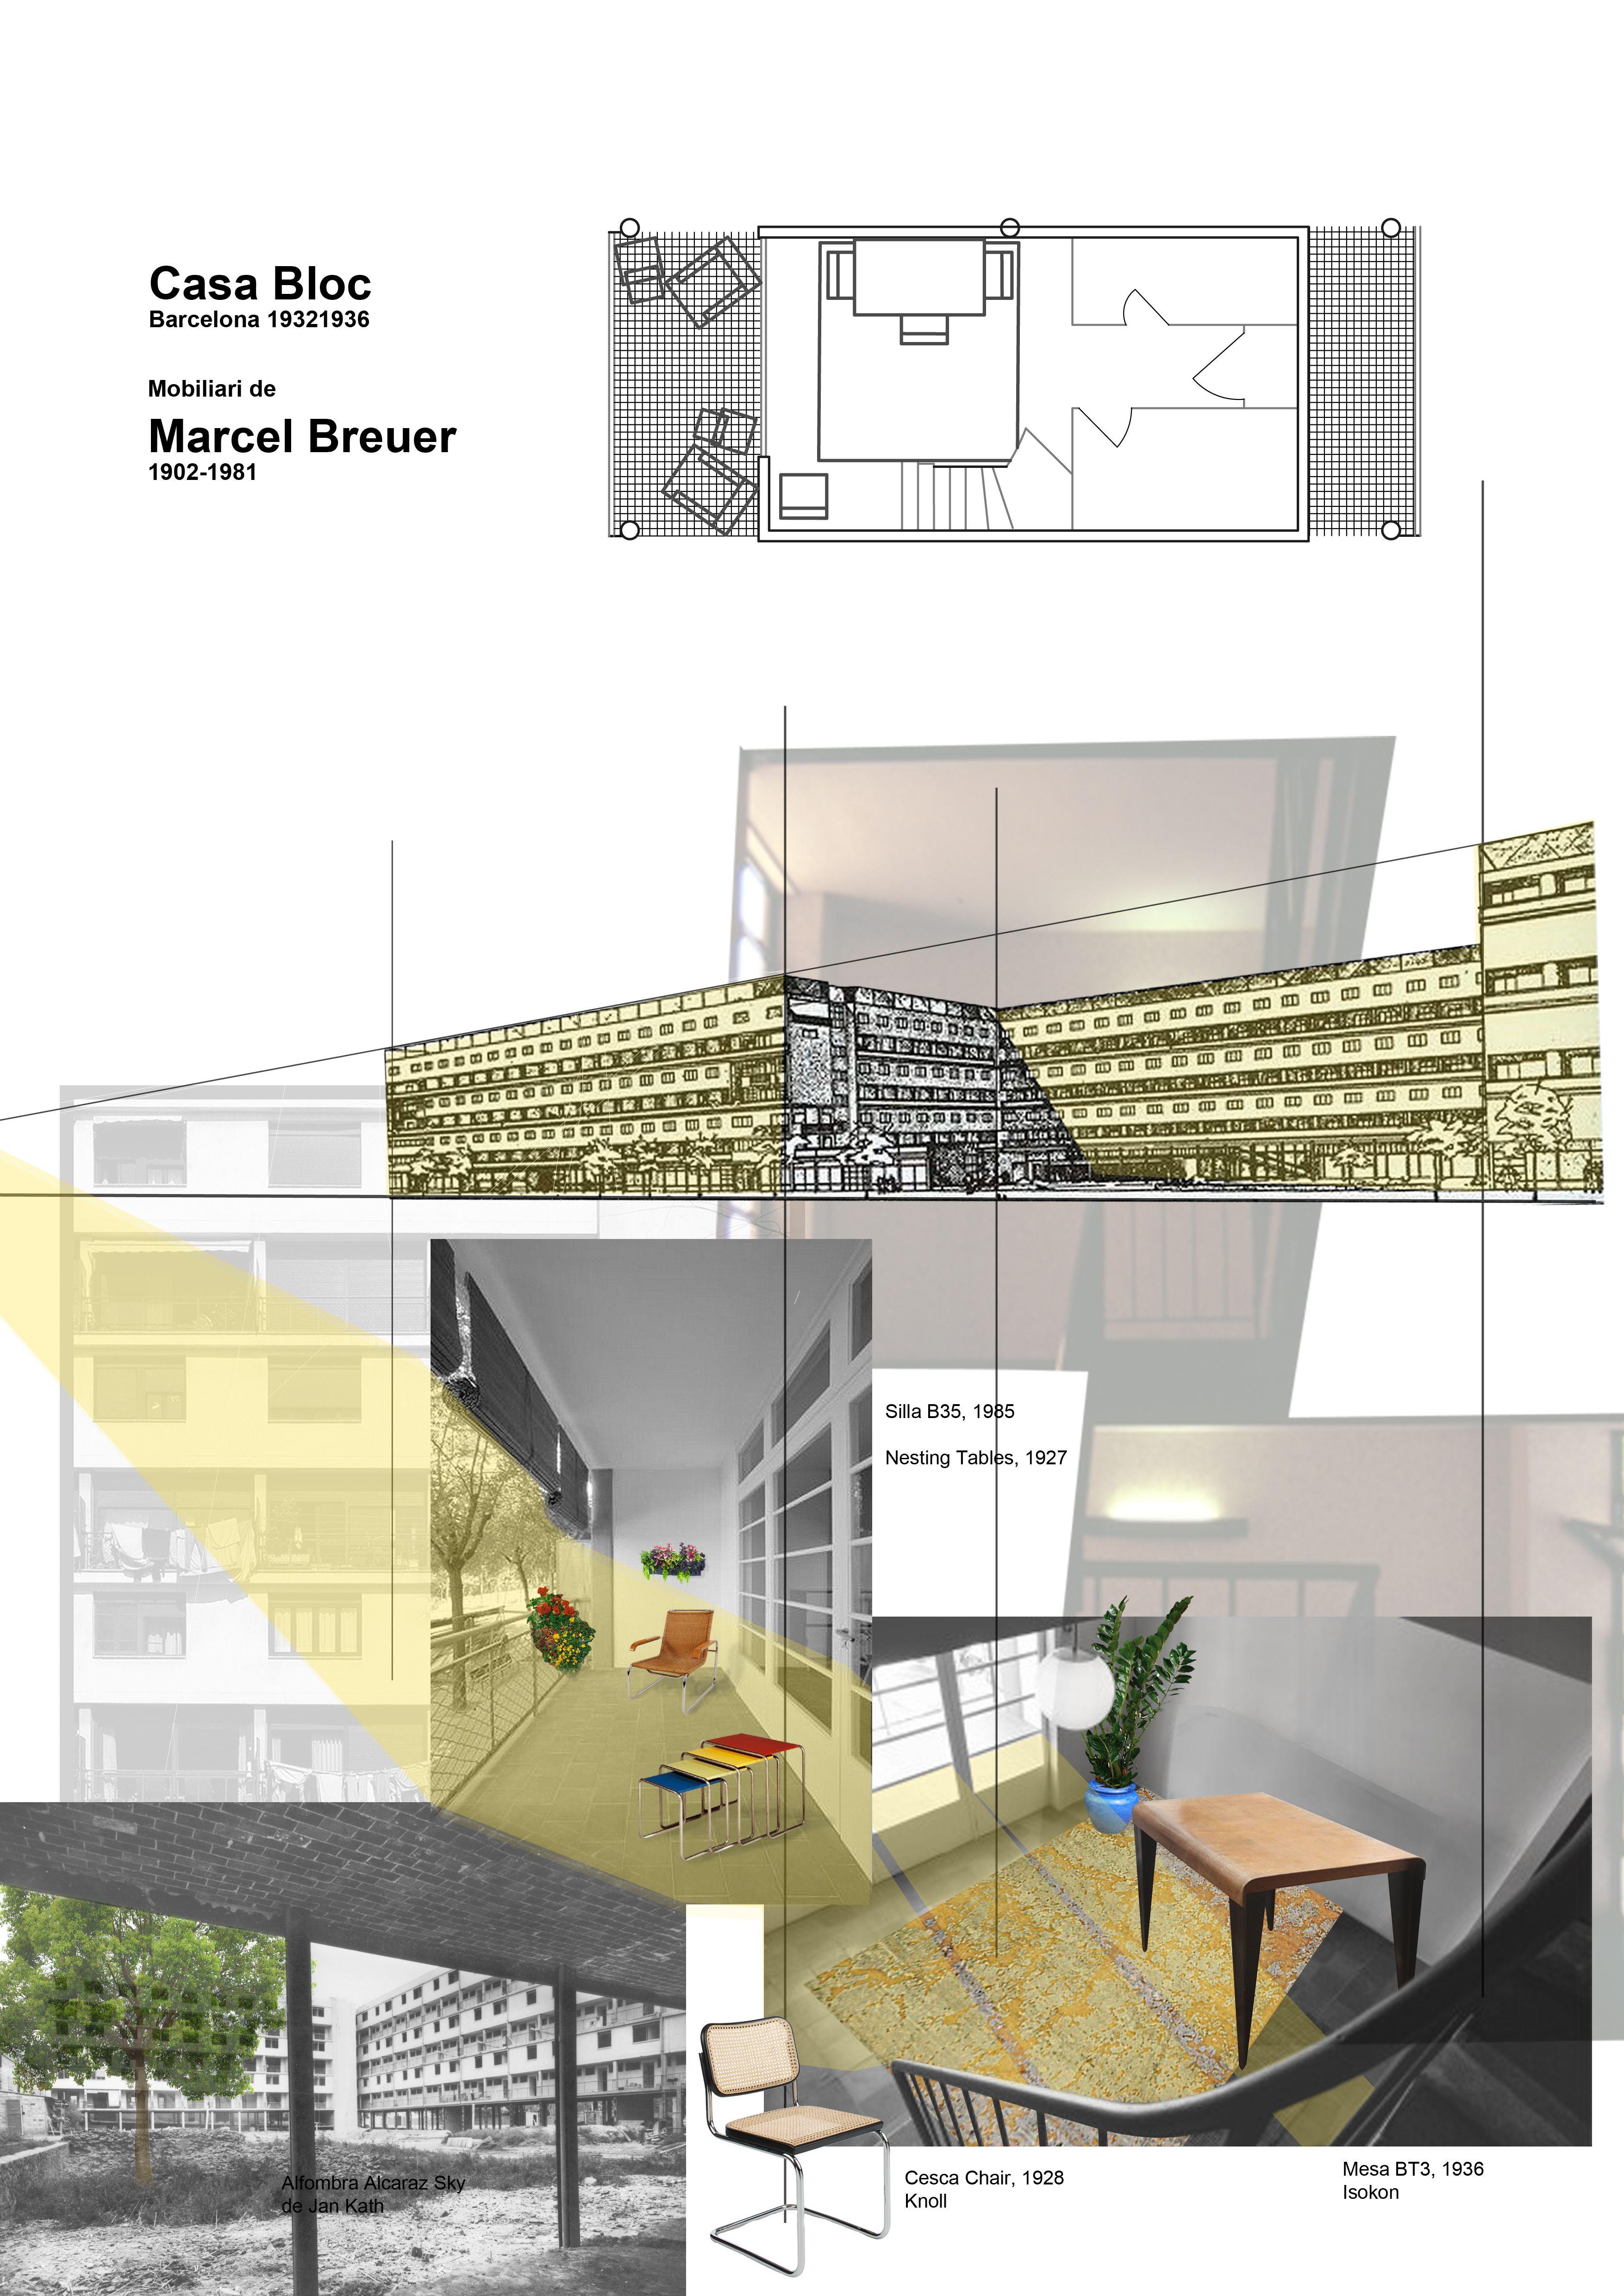 Concepto Casa Bloc Barcelona Con Muebles De Marcel Breuer Laura